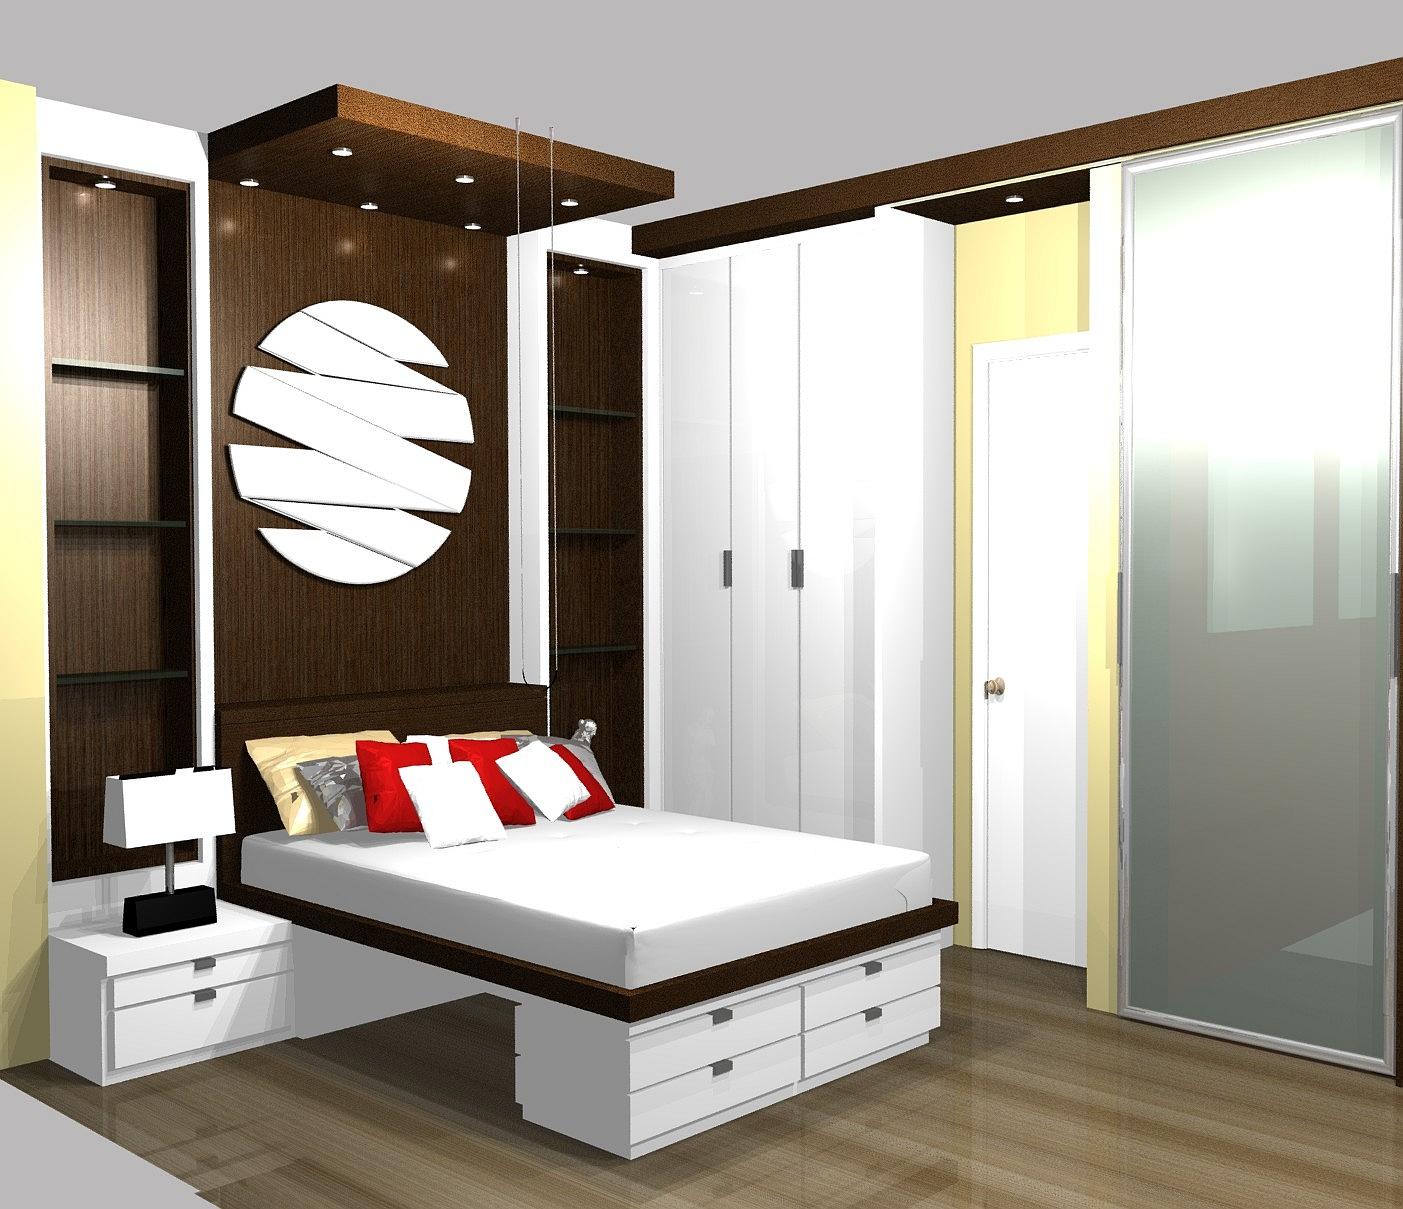 Móveis planejados Marcenaria sob medida armários cozinha banheiro  #BB1110 1403x1209